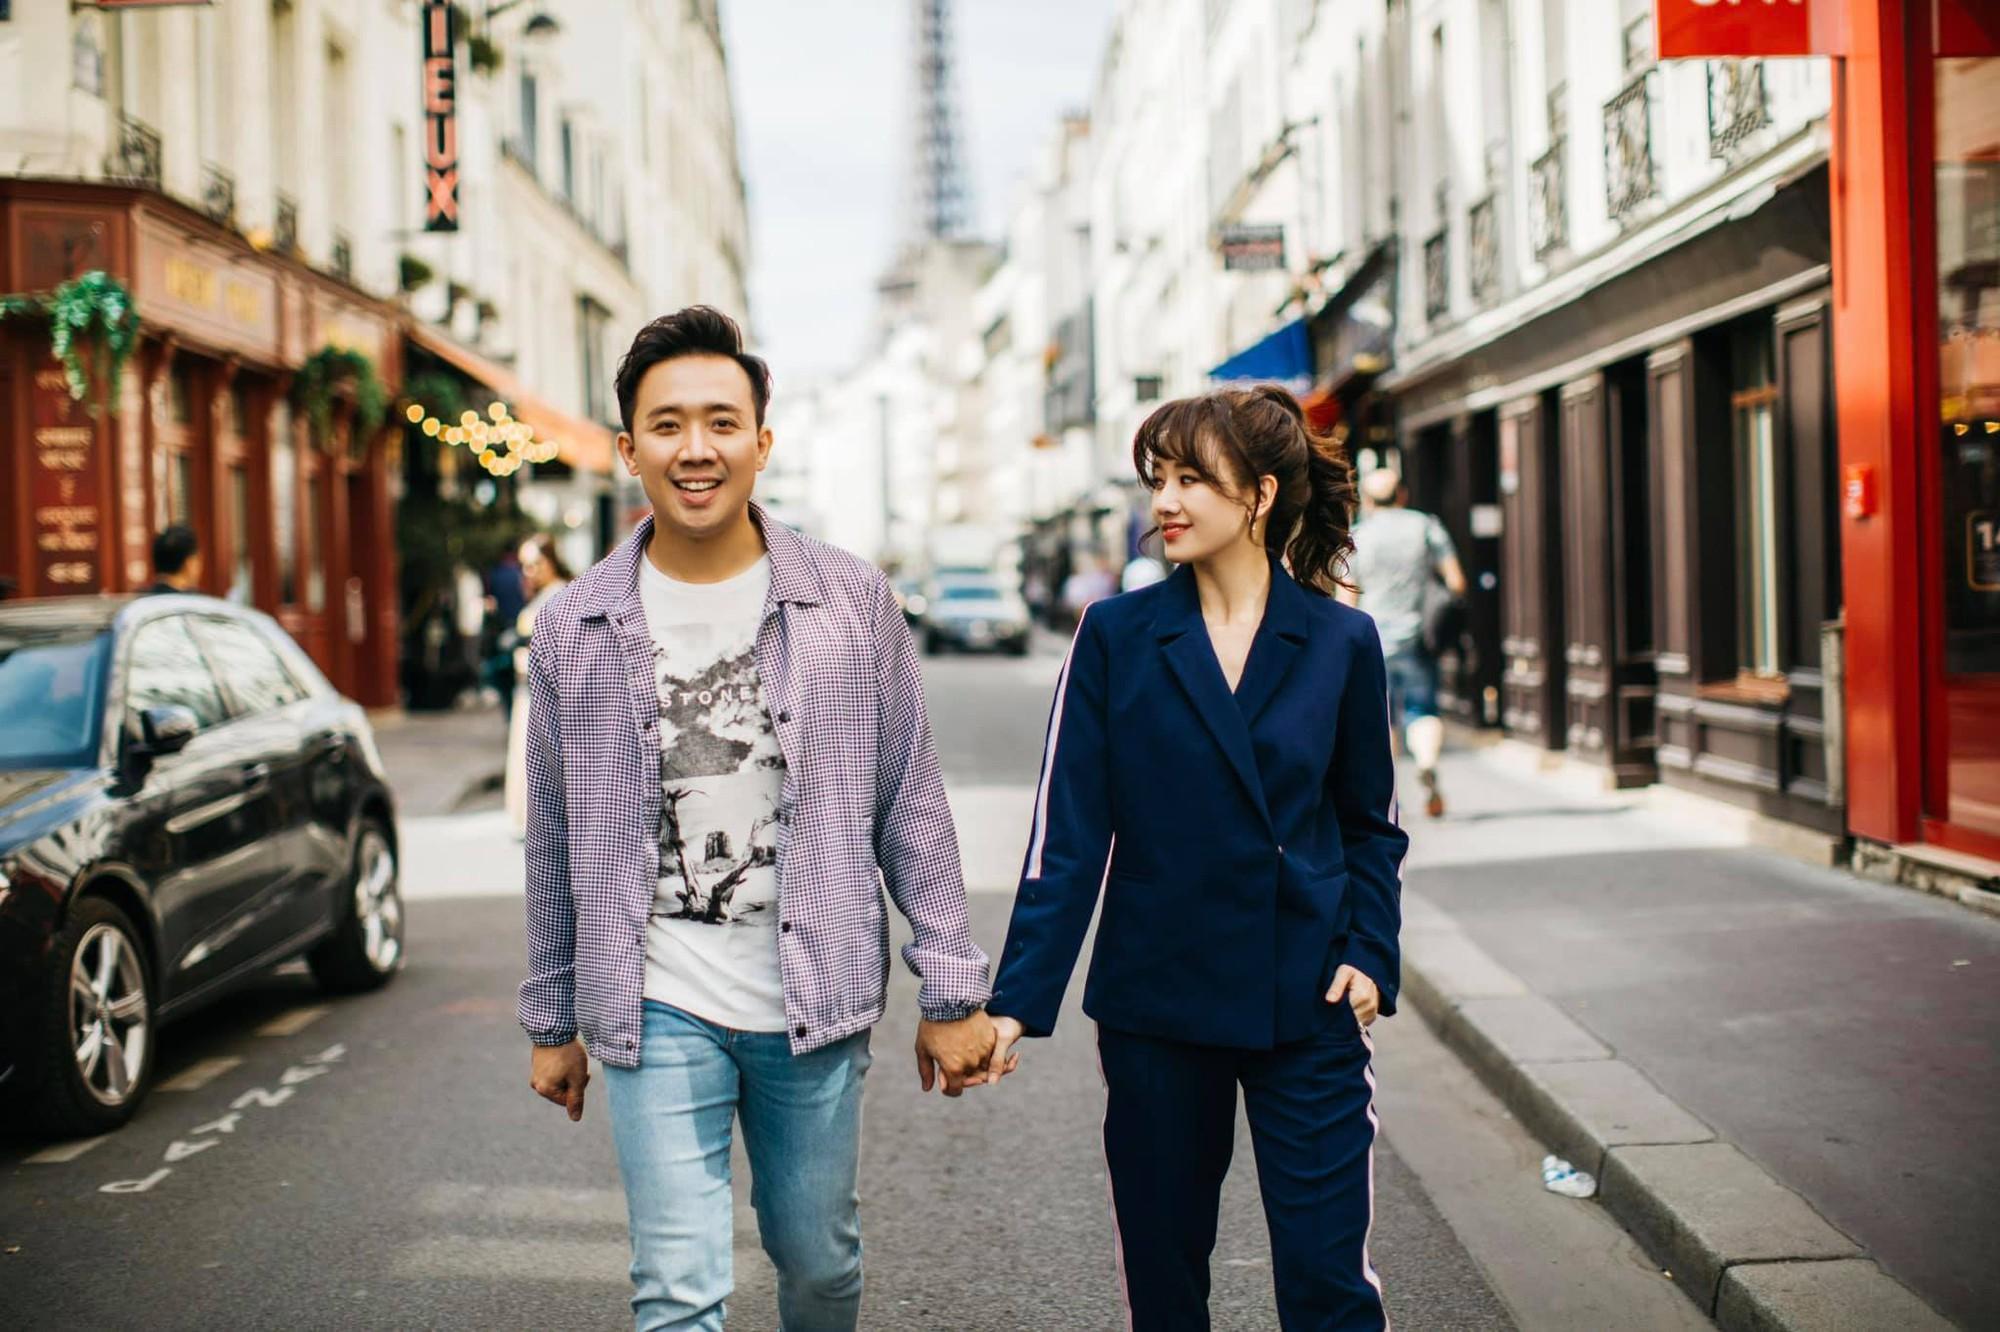 Ngắm trọn bộ ảnh đẹp như phim Hàn của Trấn Thành - Hari Won tại Paris hoa lệ - Ảnh 4.